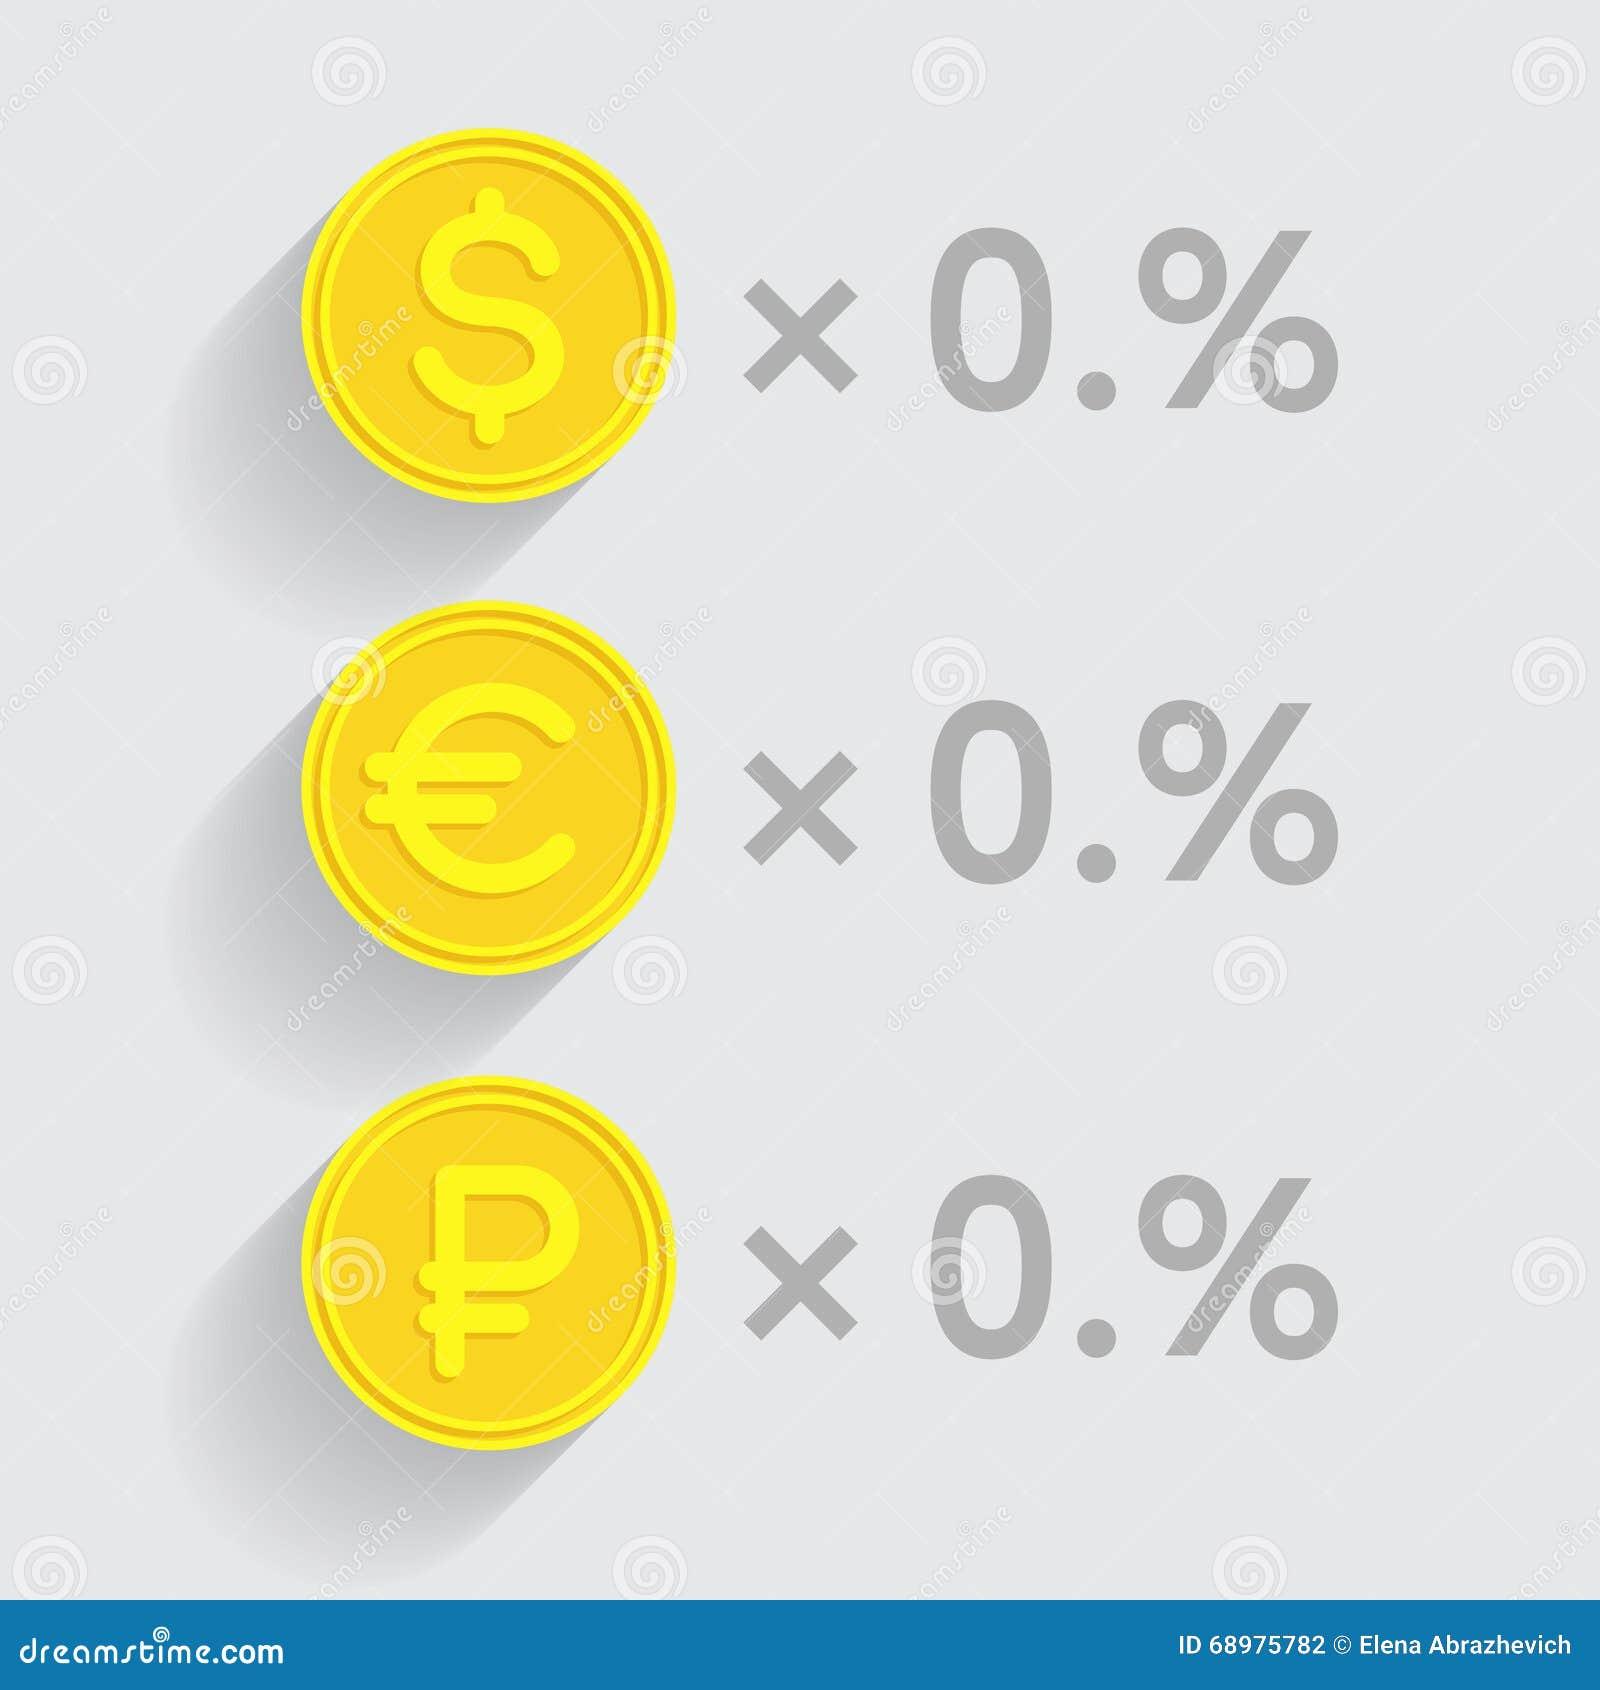 Χρυσά νομίσματα με τα σημάδια δολαρίων, ευρώ και ρουβλιών στους επιχείρηση-τύπους